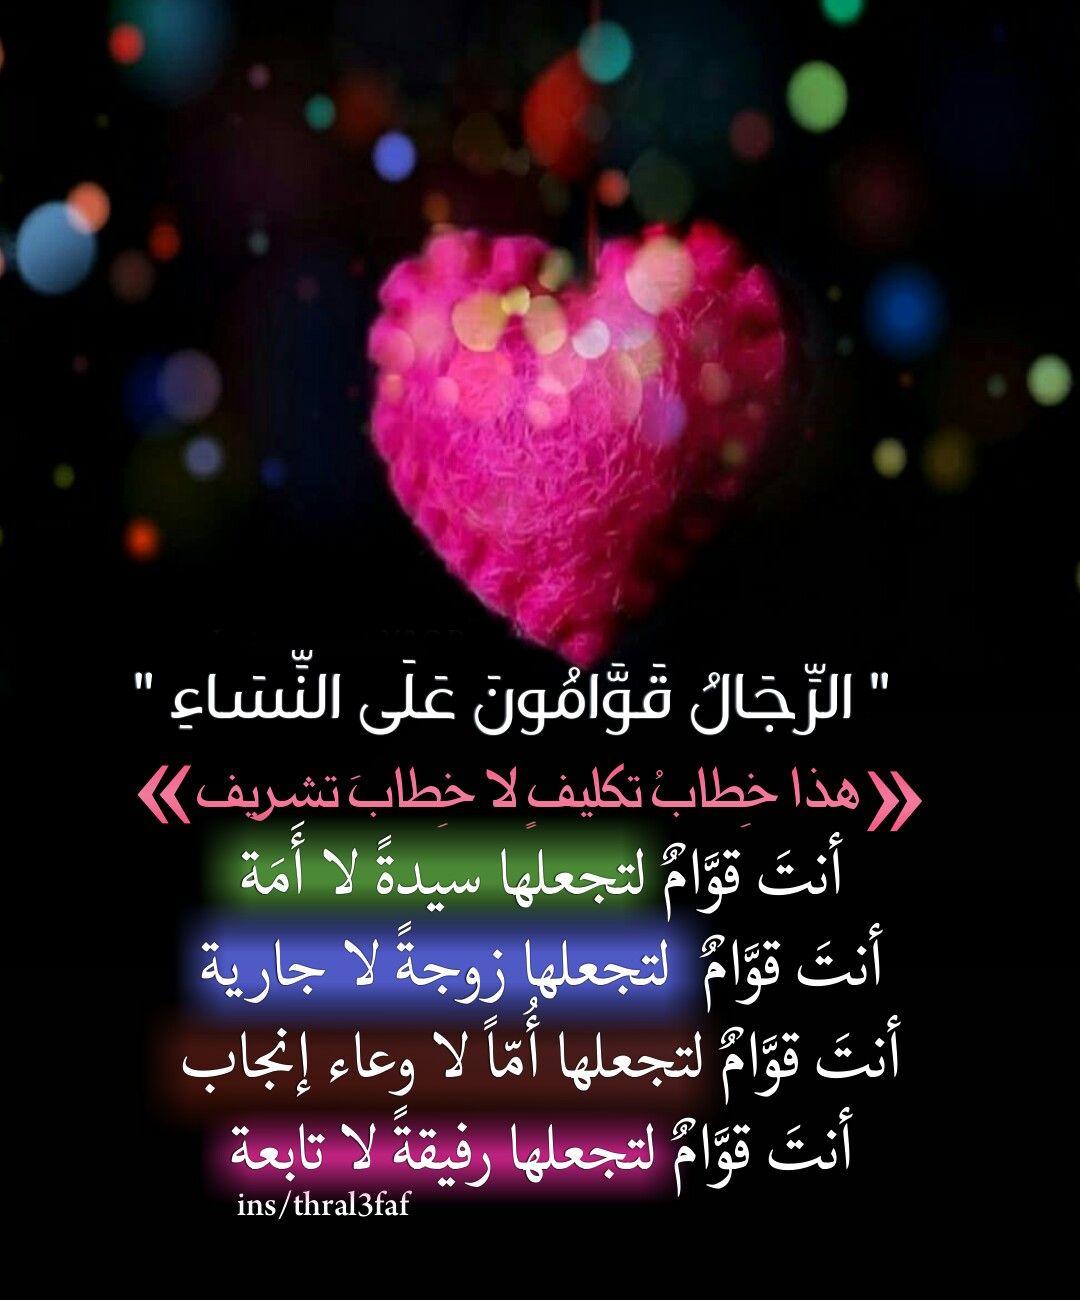 Pin By Um Ahmad On المرأة المسلمة والحجاب Arabic Quotes Islam Quran Quran